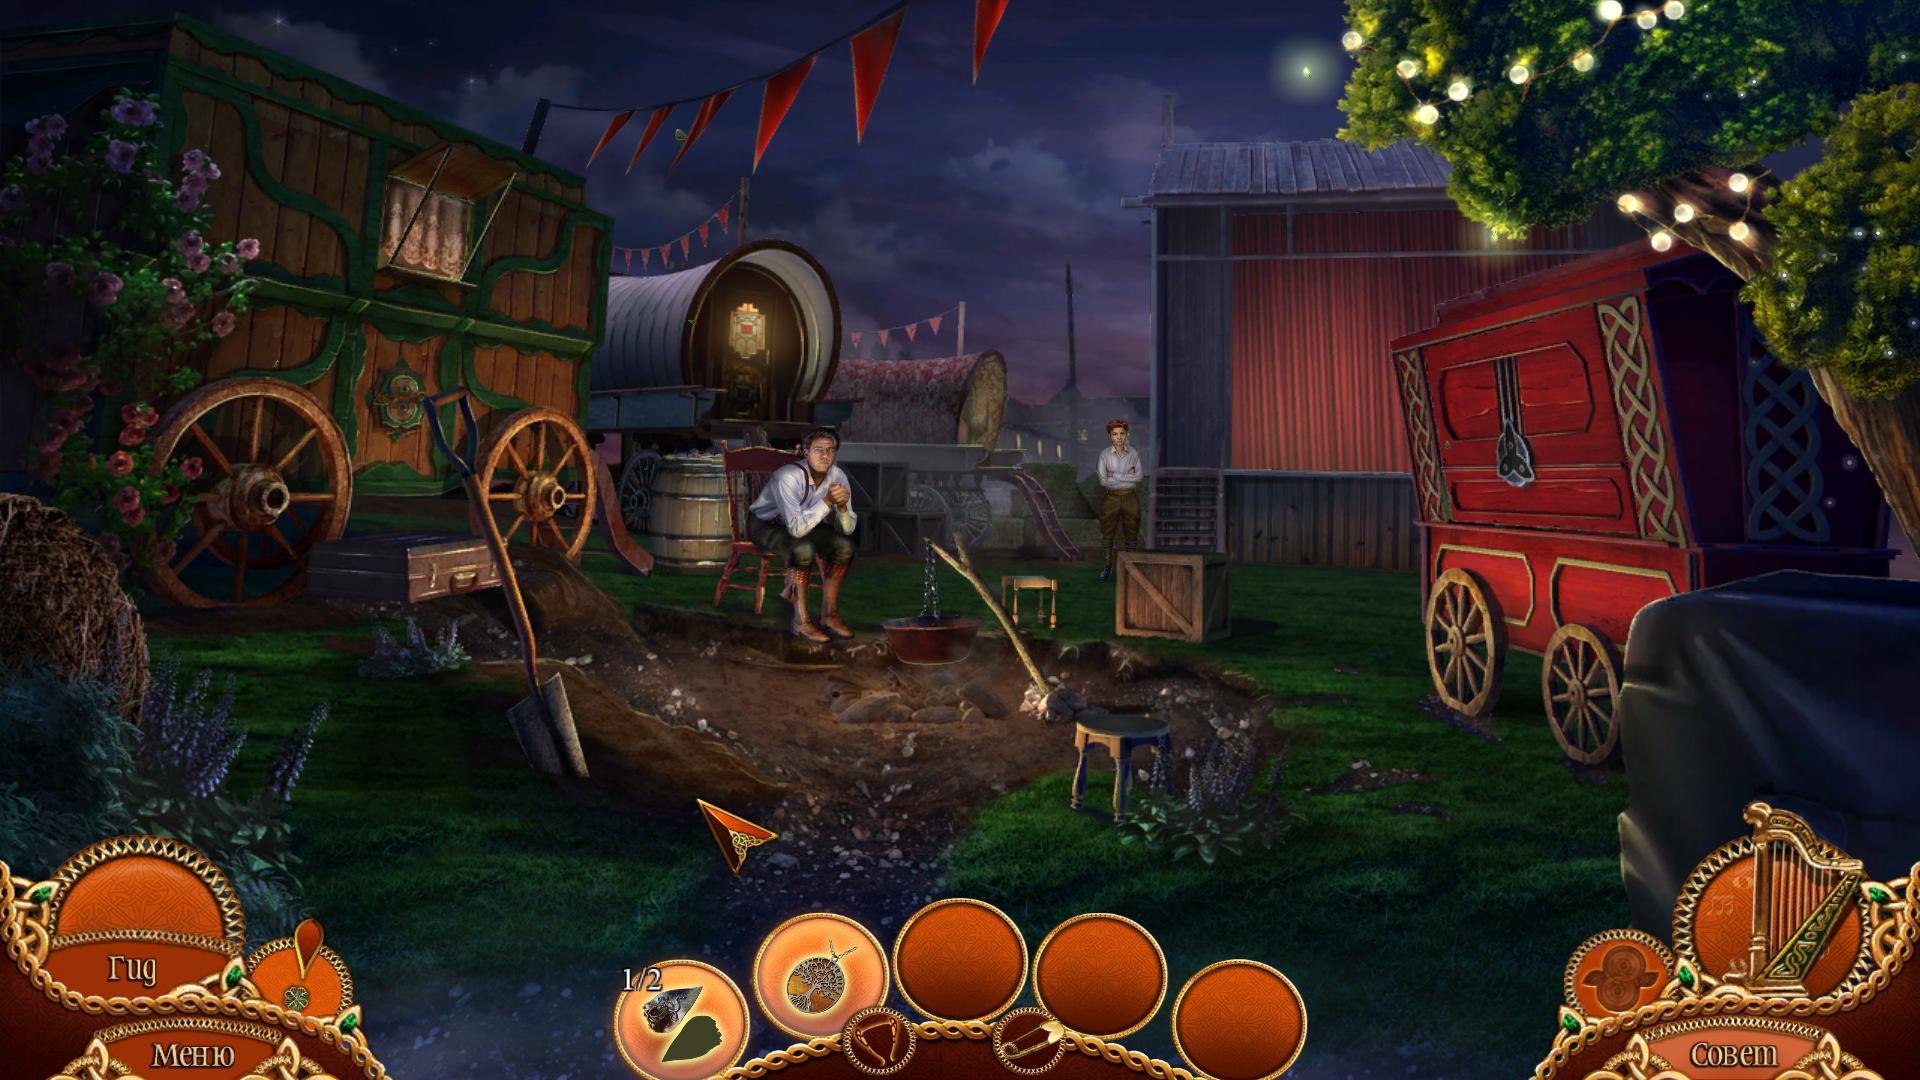 http://fs5.directupload.net/images/170812/kwevzoui.jpg